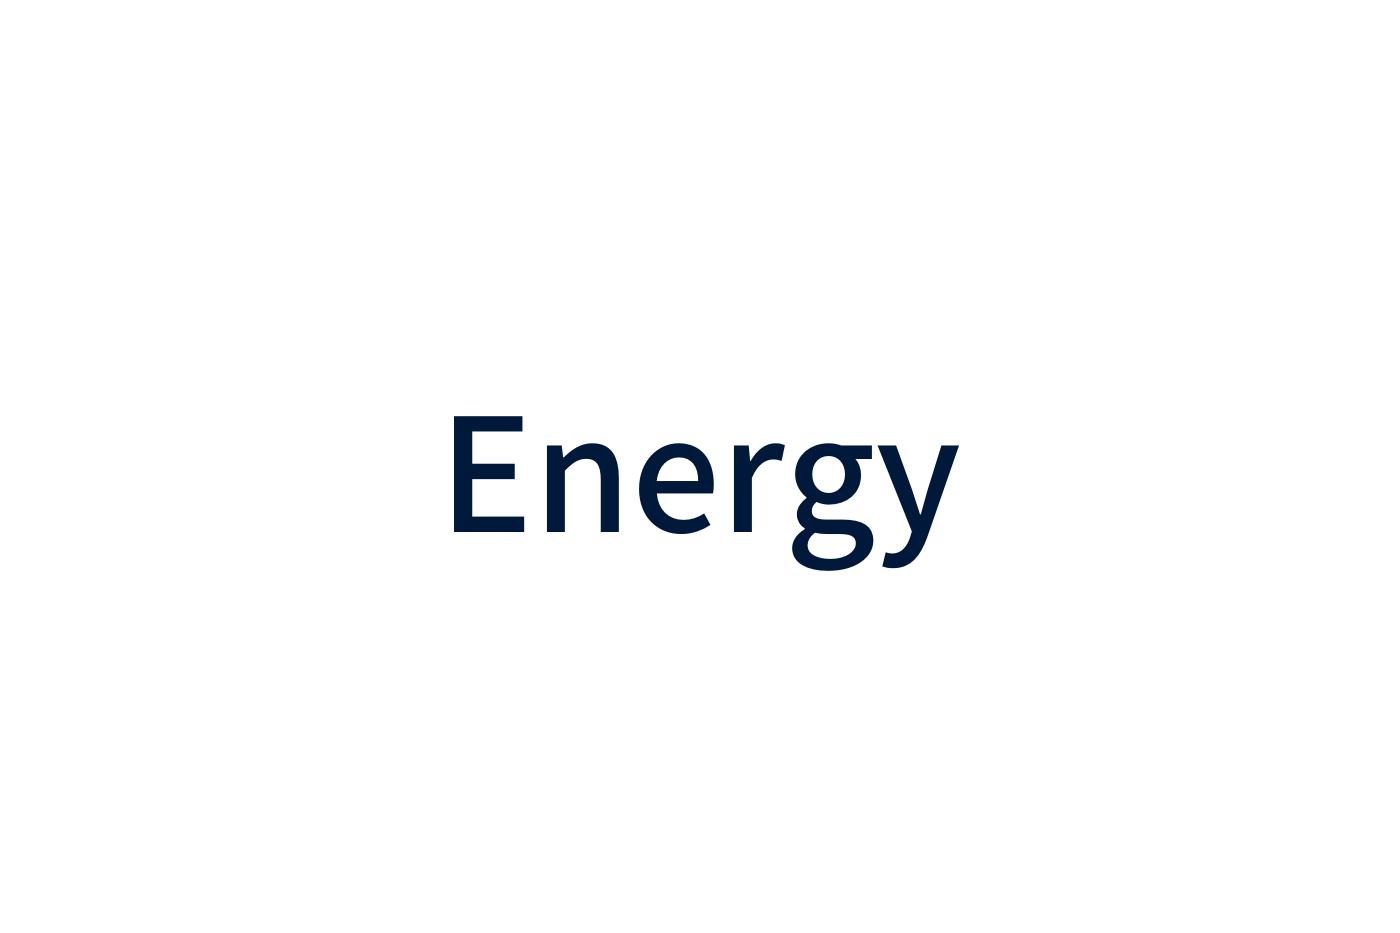 米国株・エネルギーセクターについて【完全版】